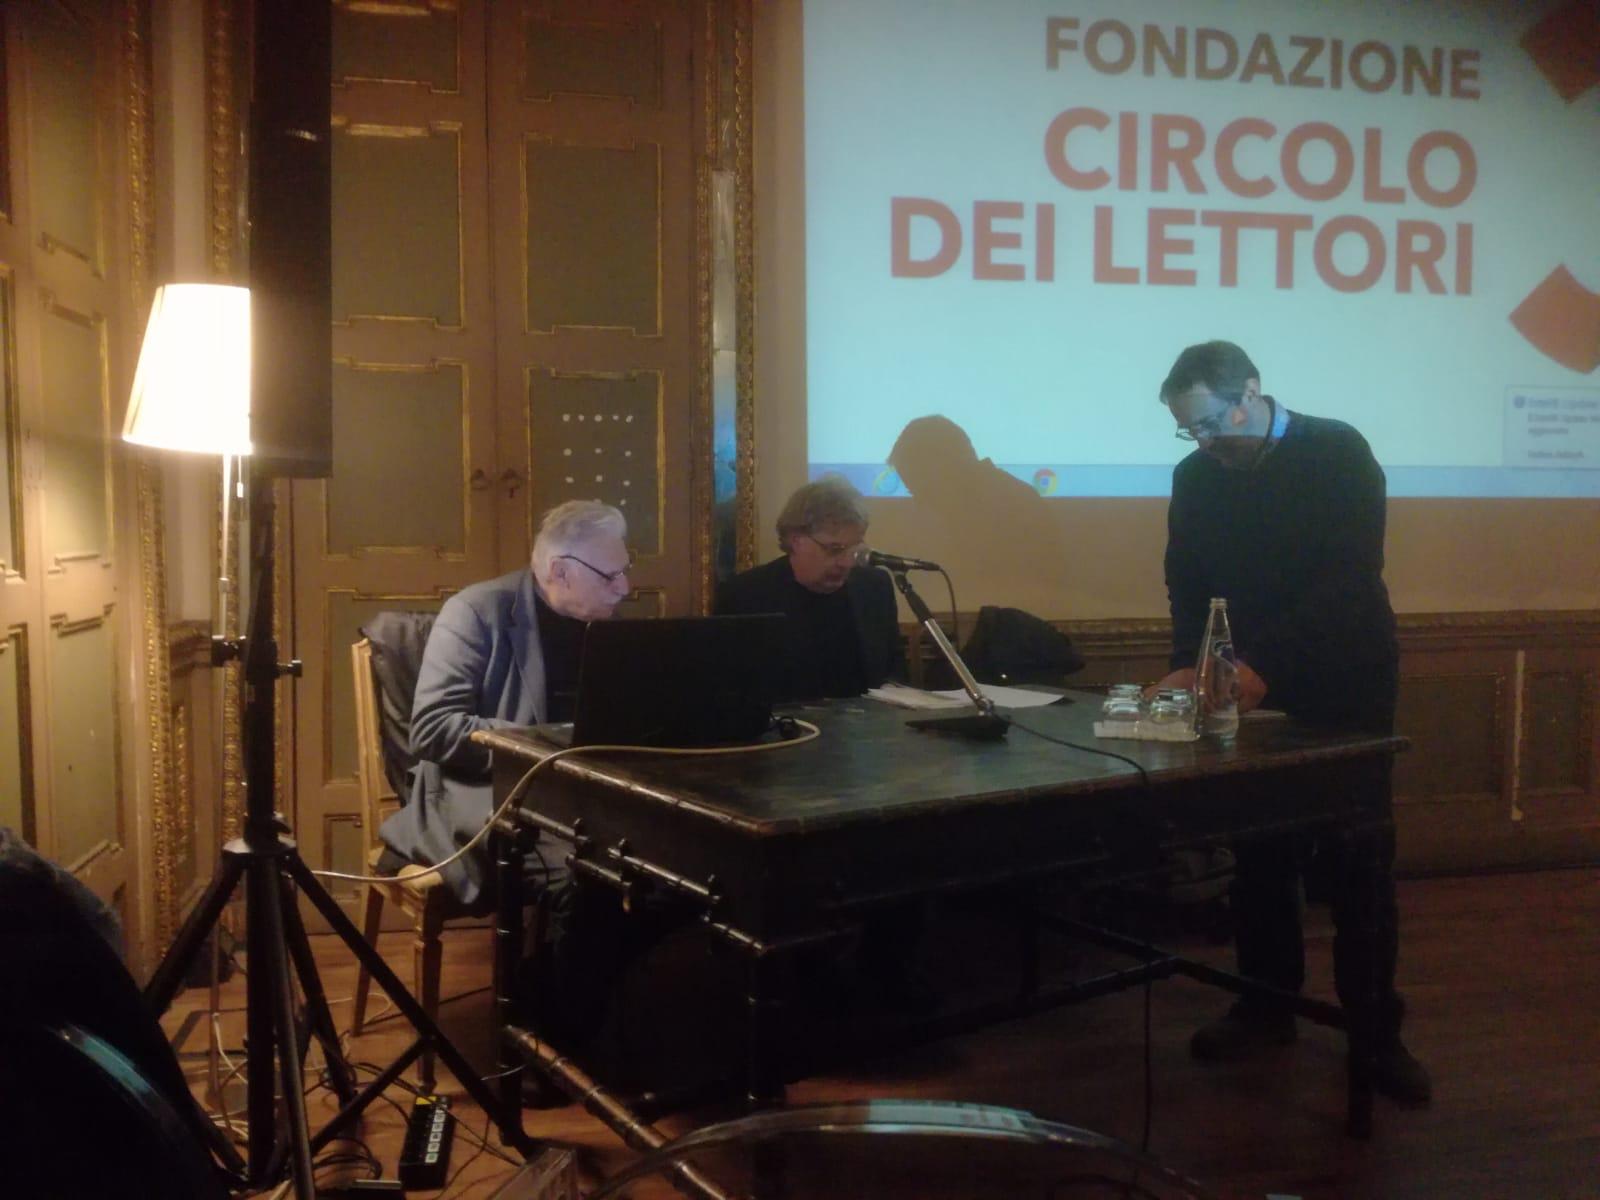 La presentazione del libro a Torino